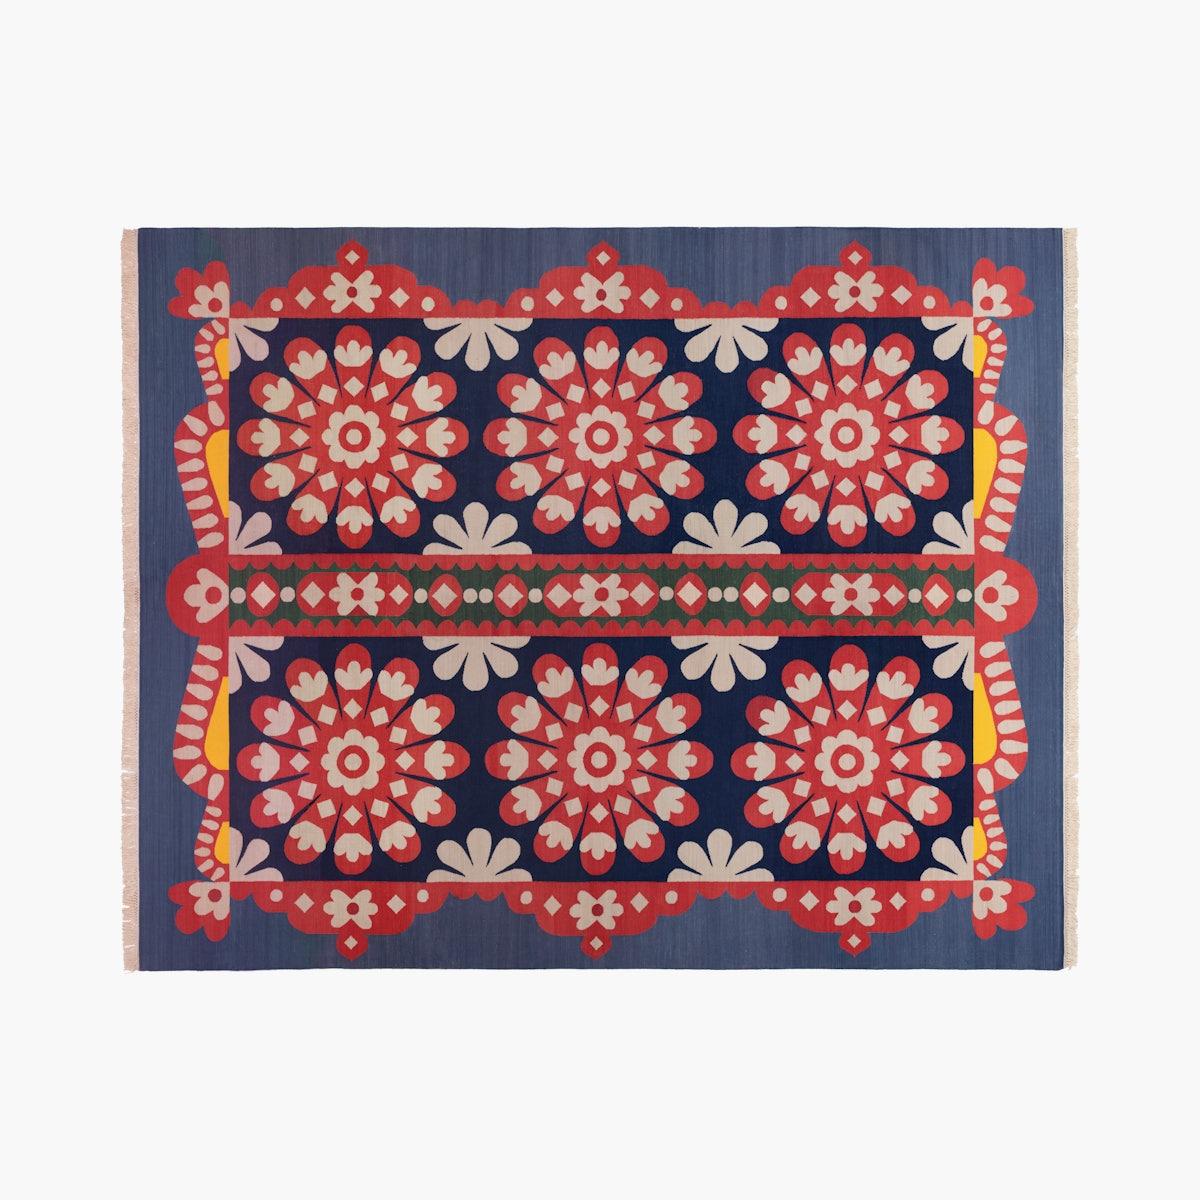 Maharam Mandala Rug